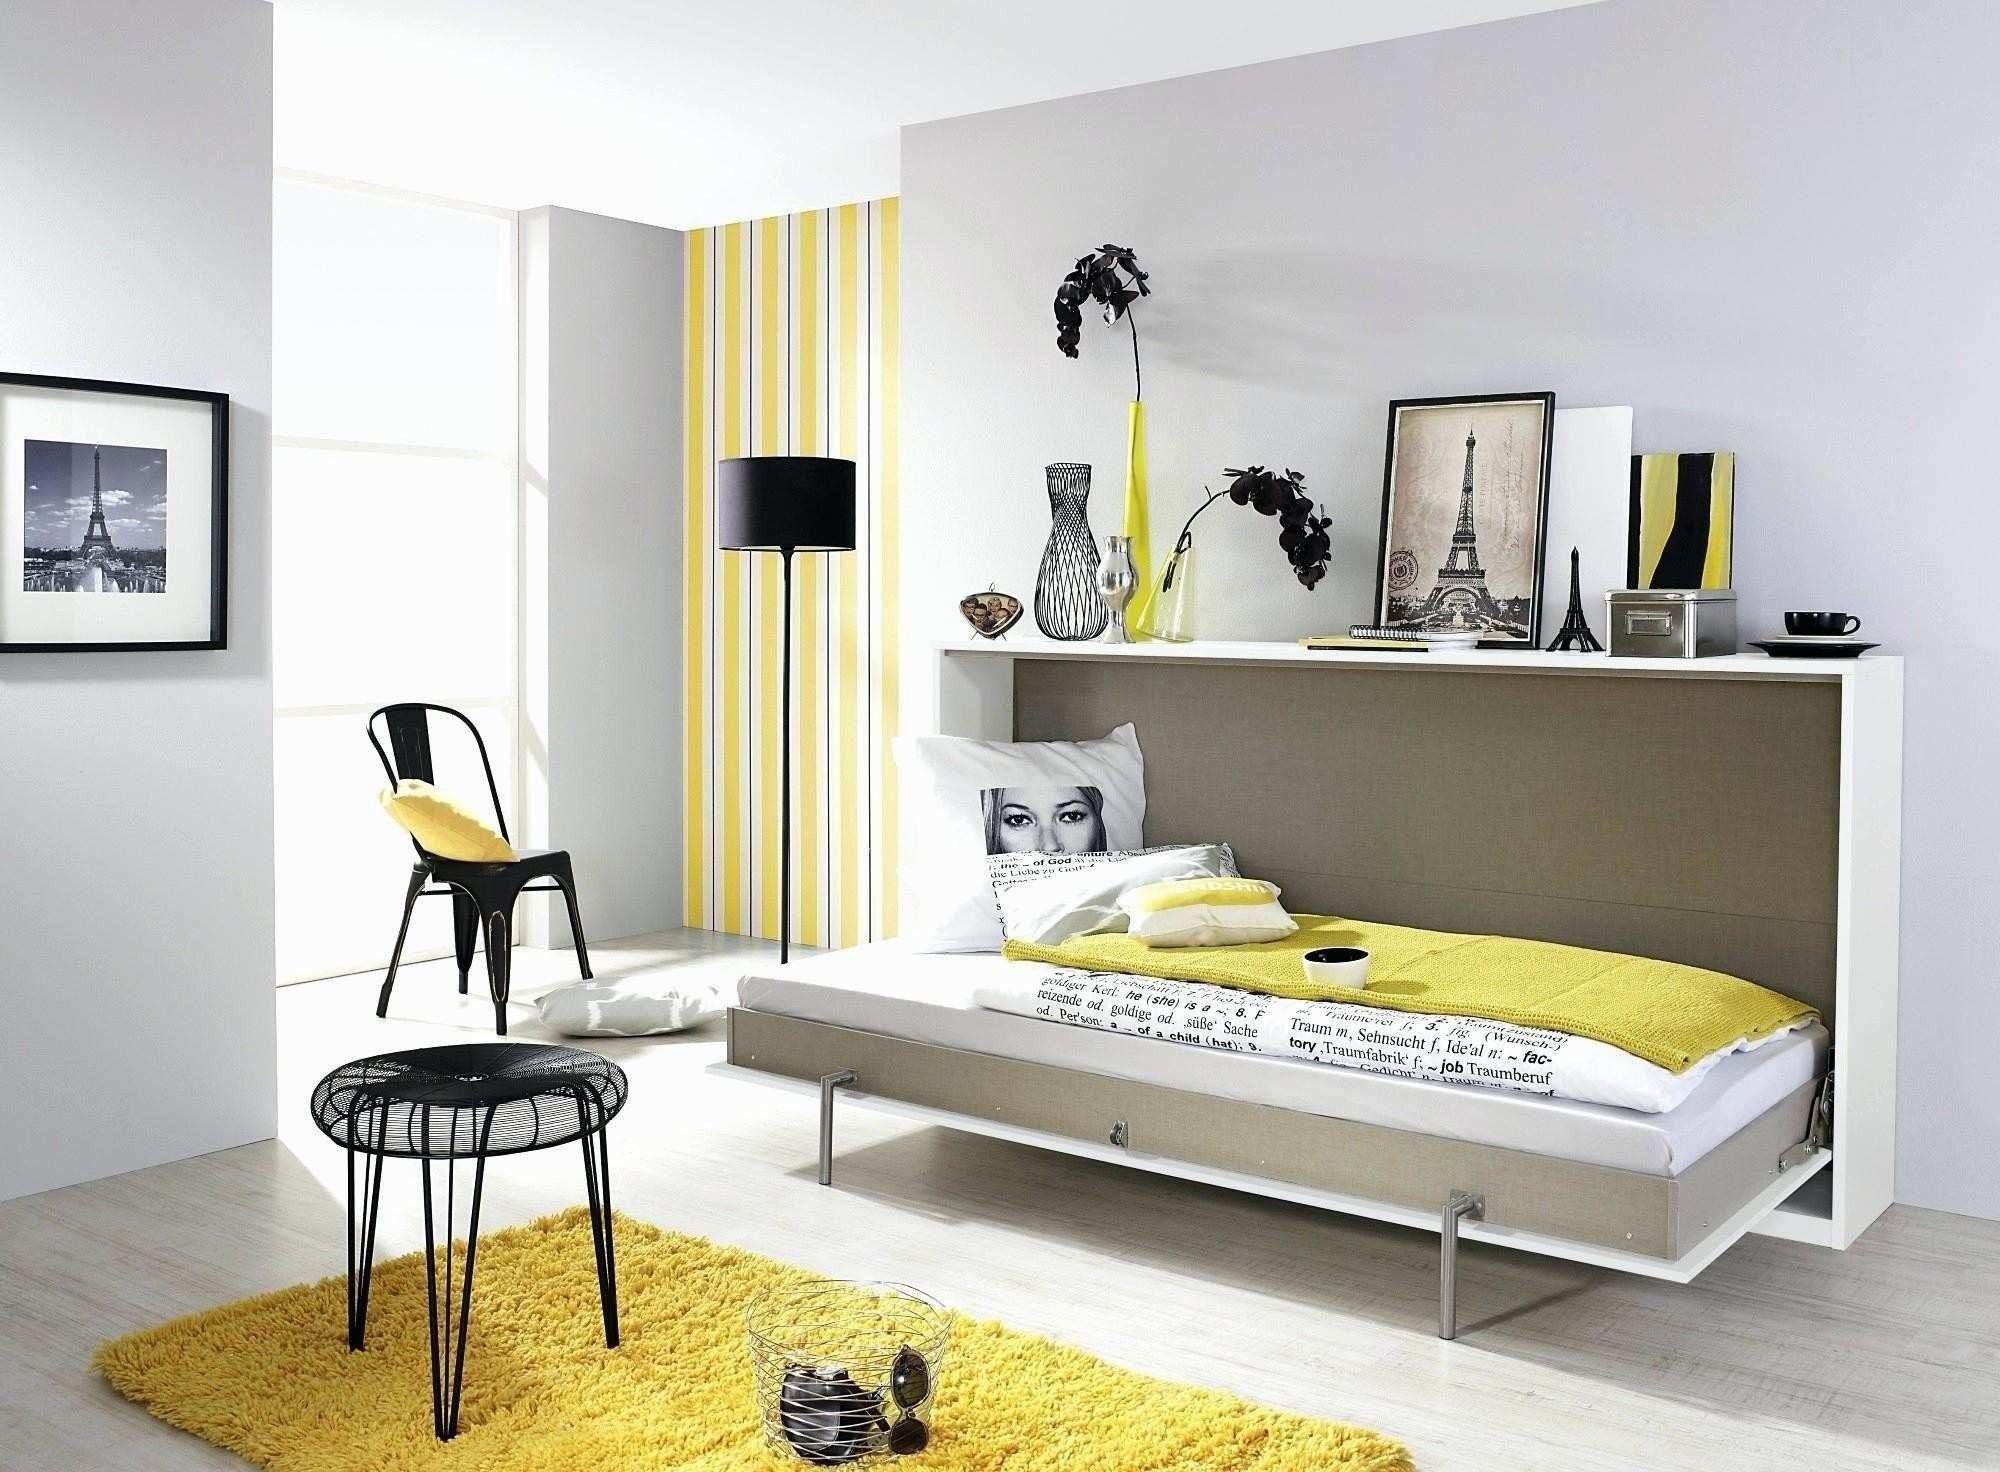 Lit Superposé Avec Tiroir Lit Douce Lit Mezzanine Bureau Armoire Lit Convertible 2 Places Ikea Canape 2